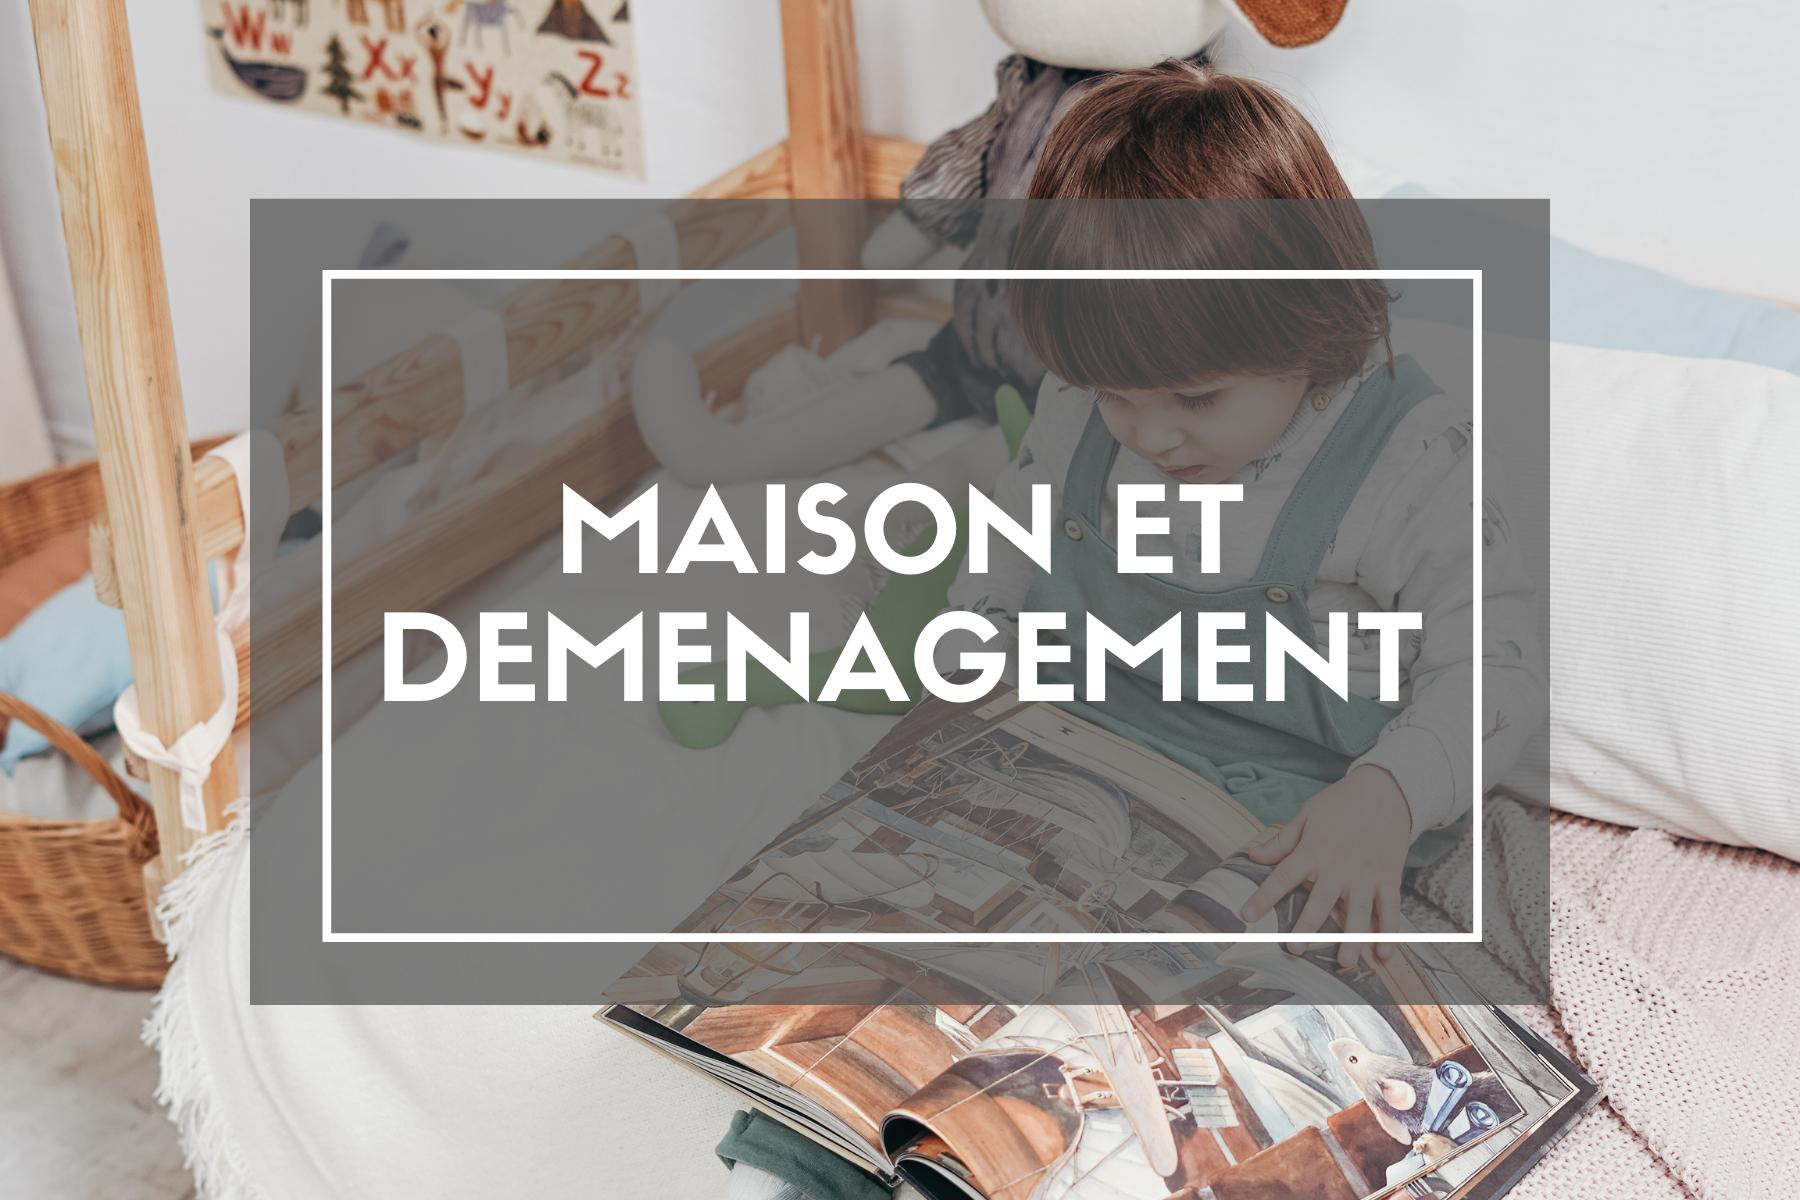 https://www.jeumeconstruis.fr/157-maison-et-demenagement